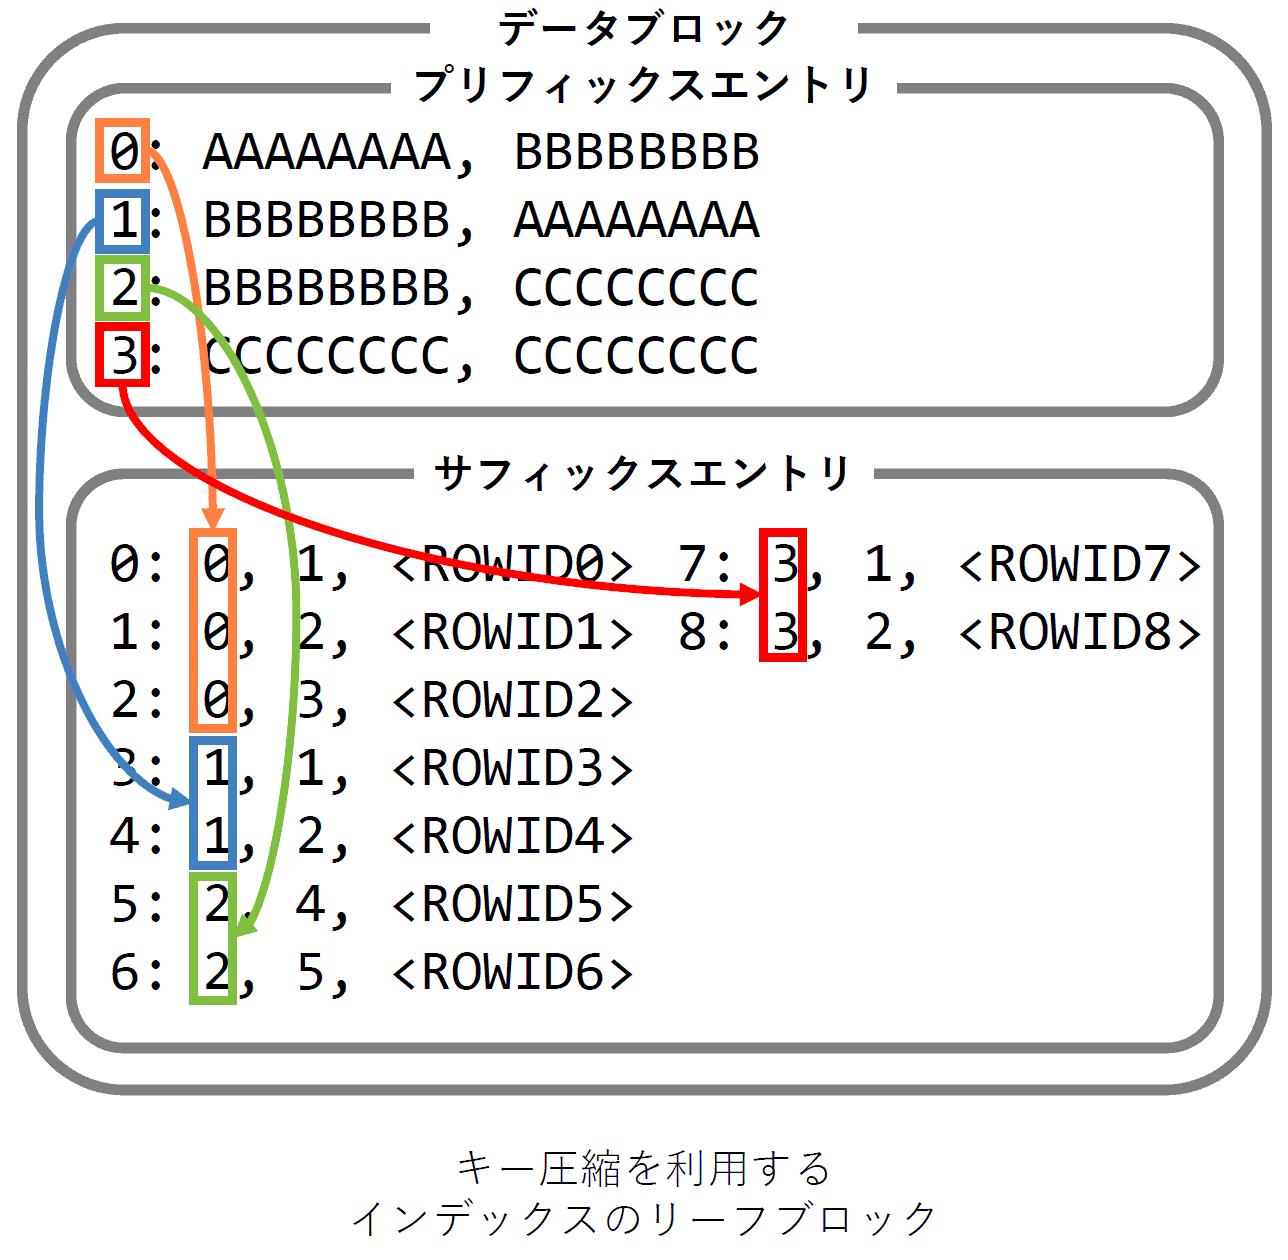 キー圧縮の構造